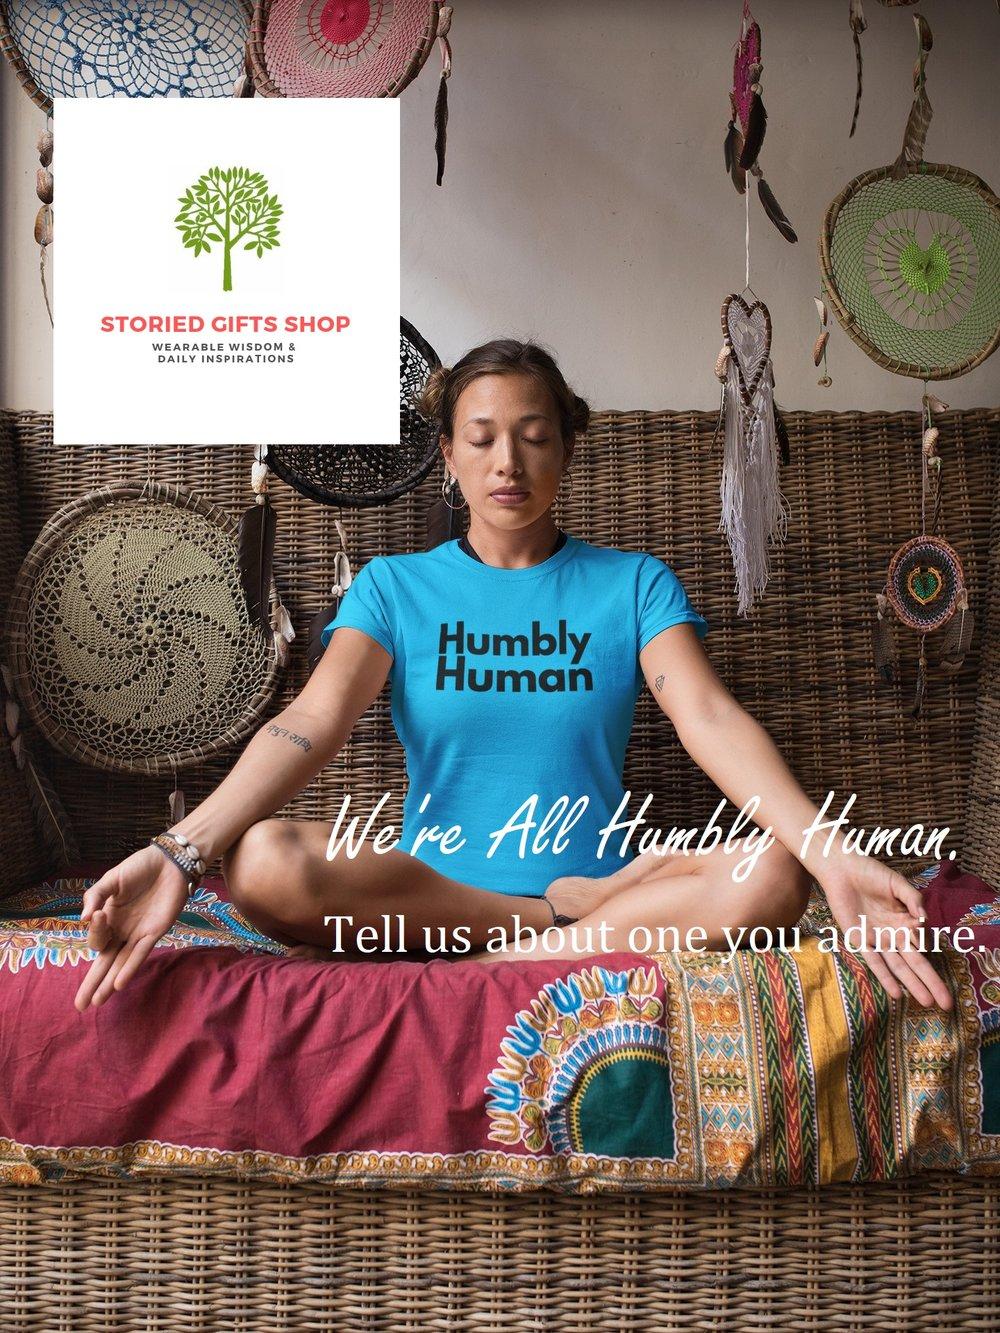 girl wearing humbly human tshirt while doing yoga